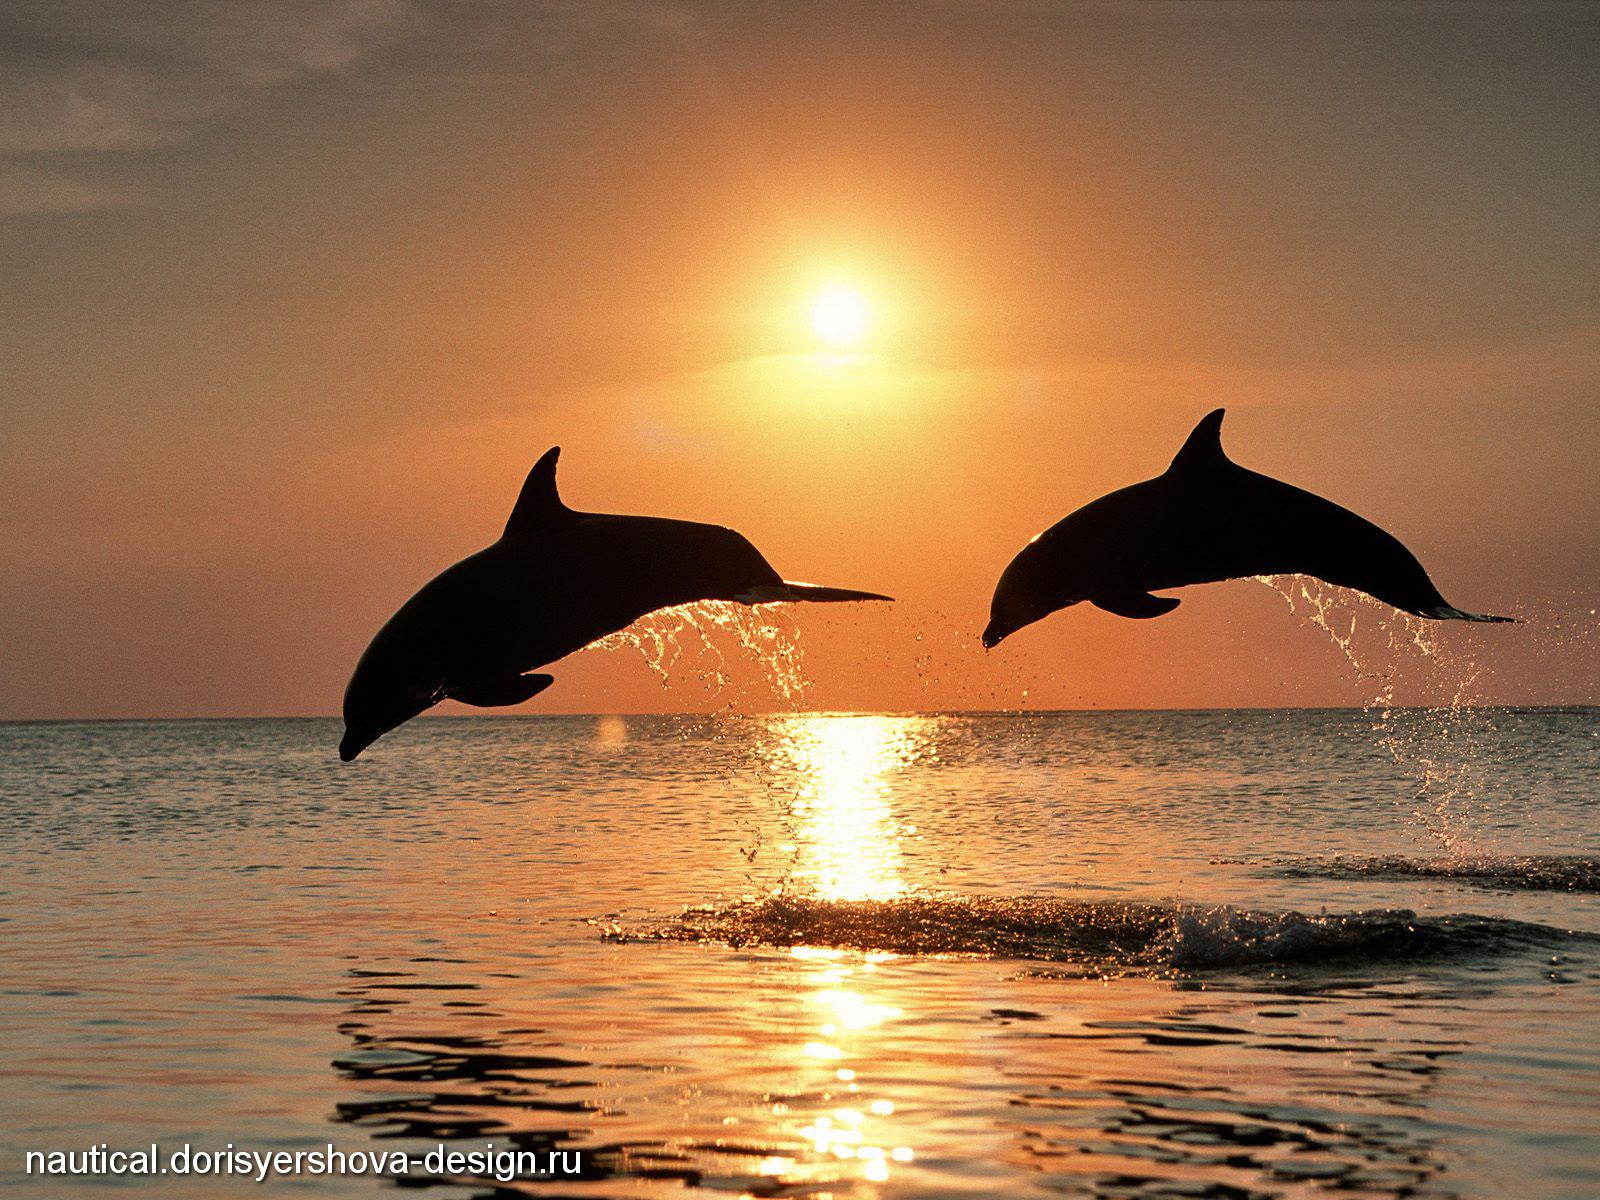 дельфины, закат солнца